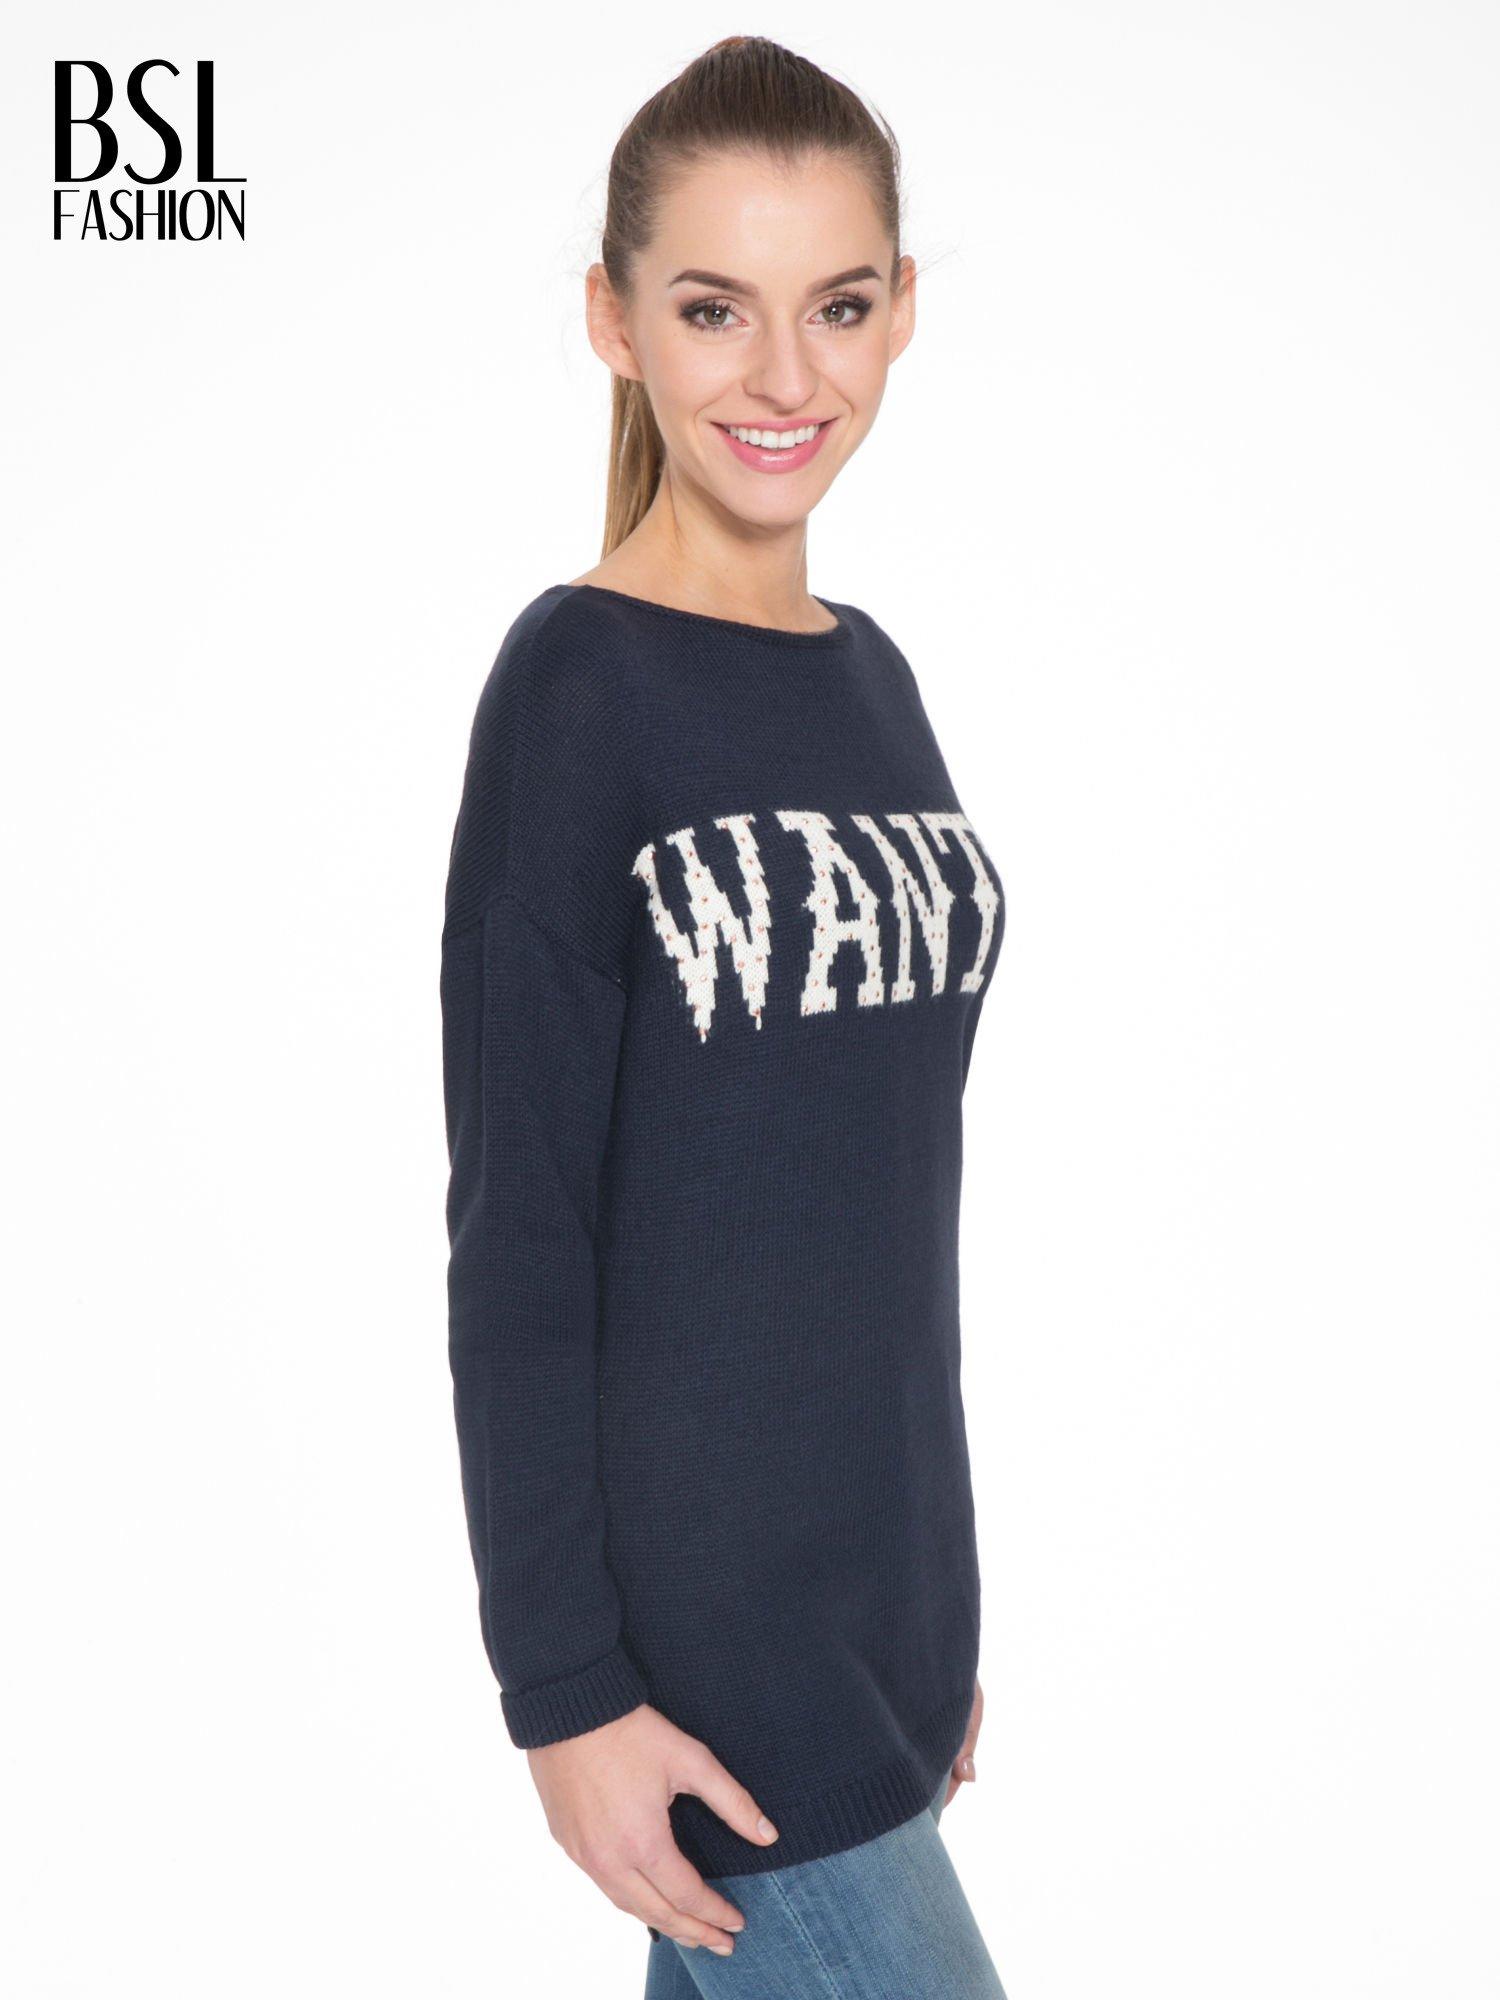 Granatowy sweter z nadrukiem WANTED i dżetami                                  zdj.                                  3